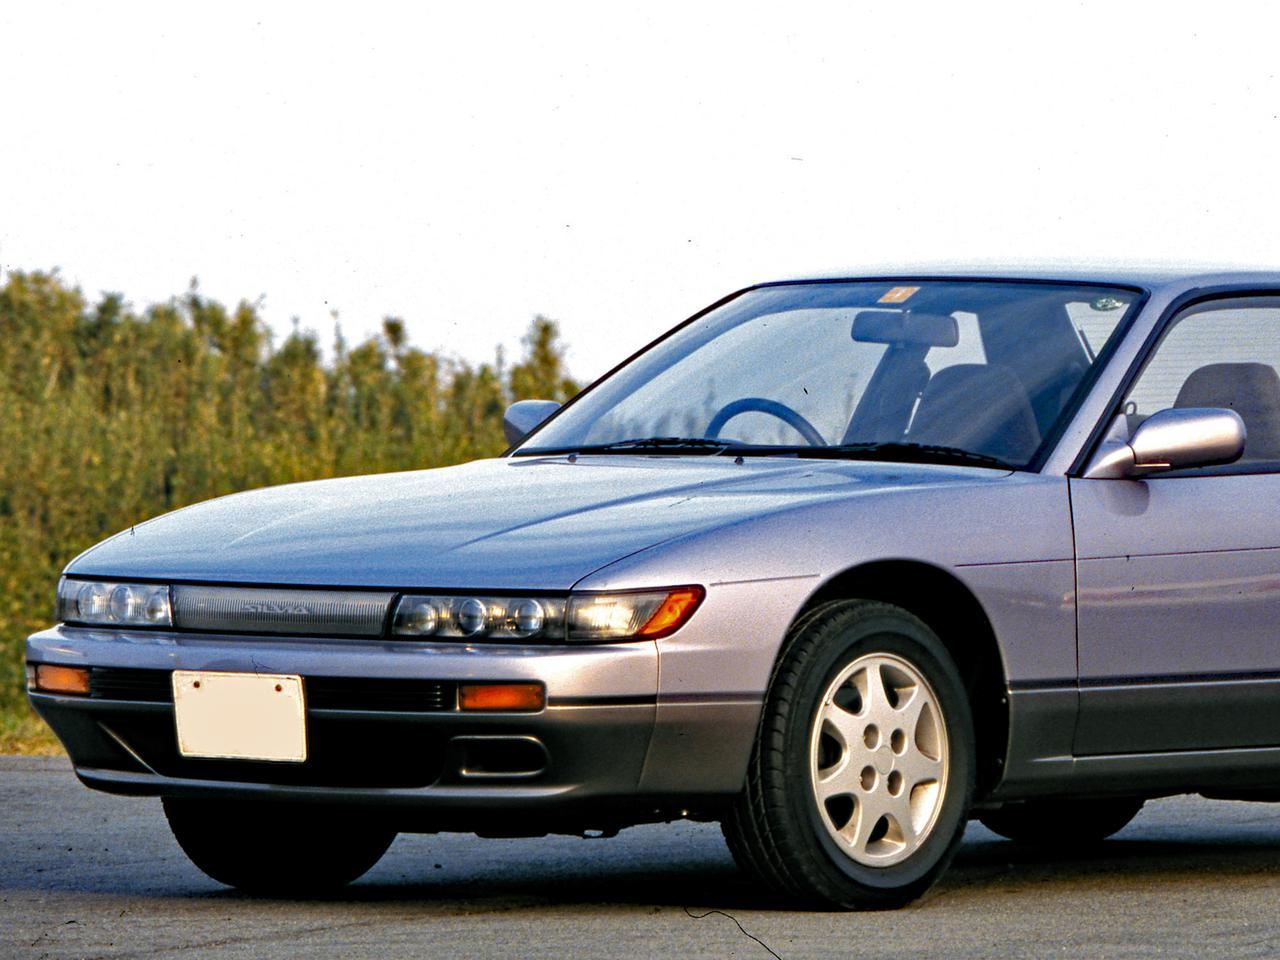 【平成スポーツPVランク第7位】日産 シルビア(S13型・後期型:1991年1月発売)